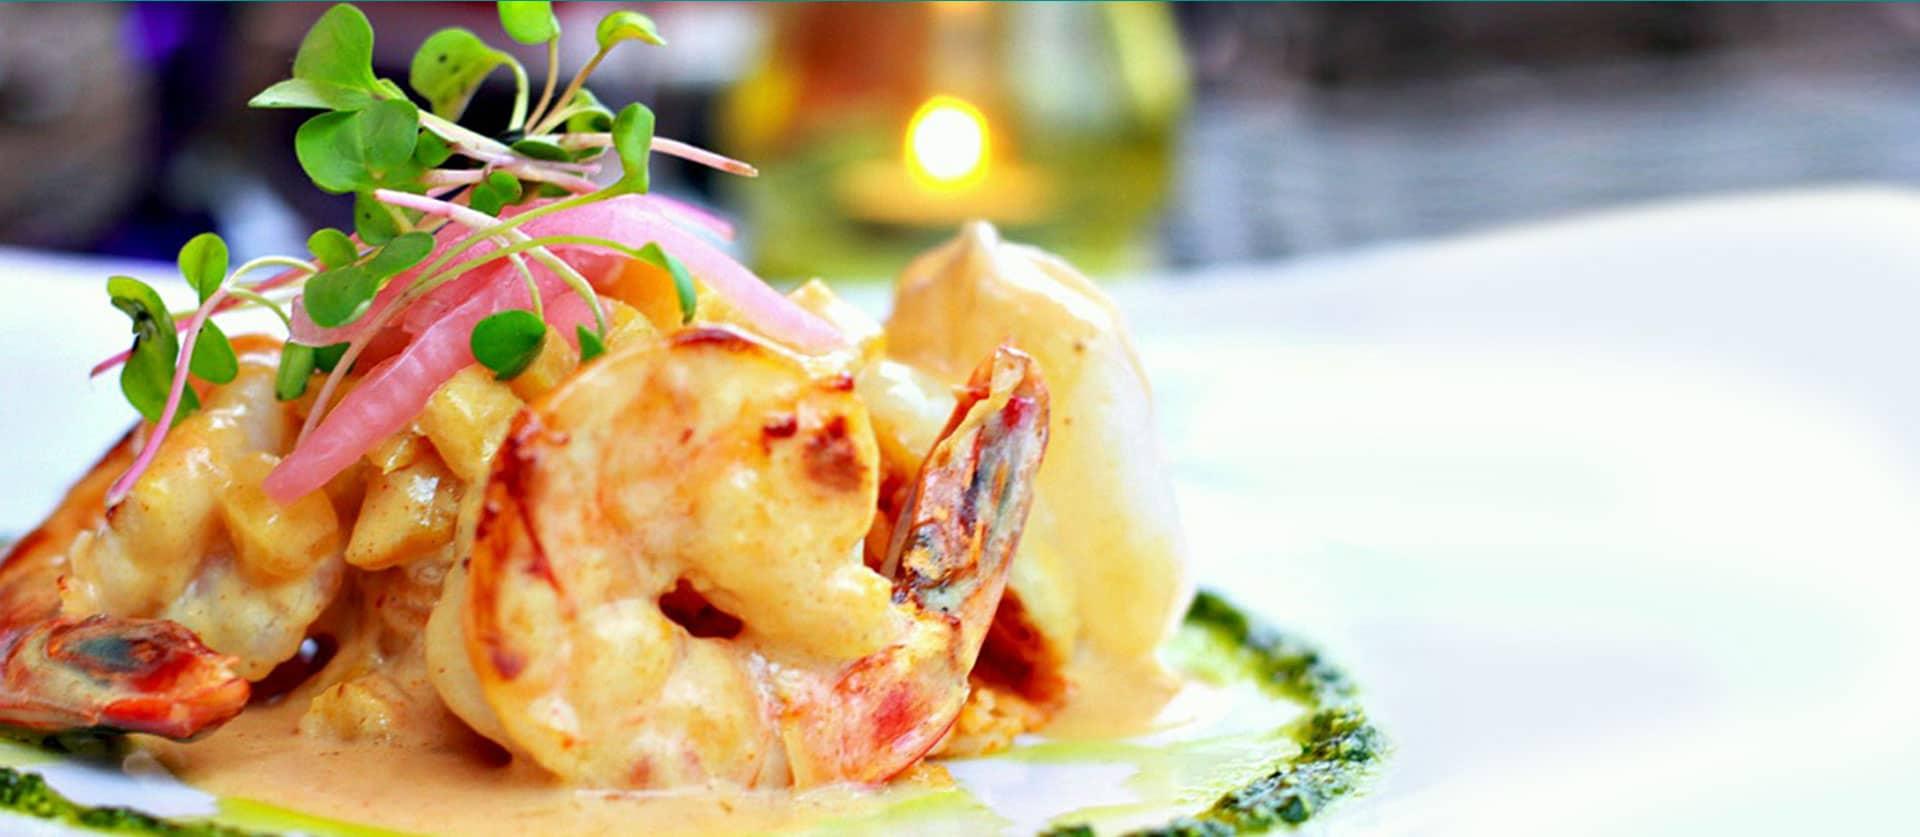 Image Courtesy: Mestizo Contemporary Mexican Cuisine